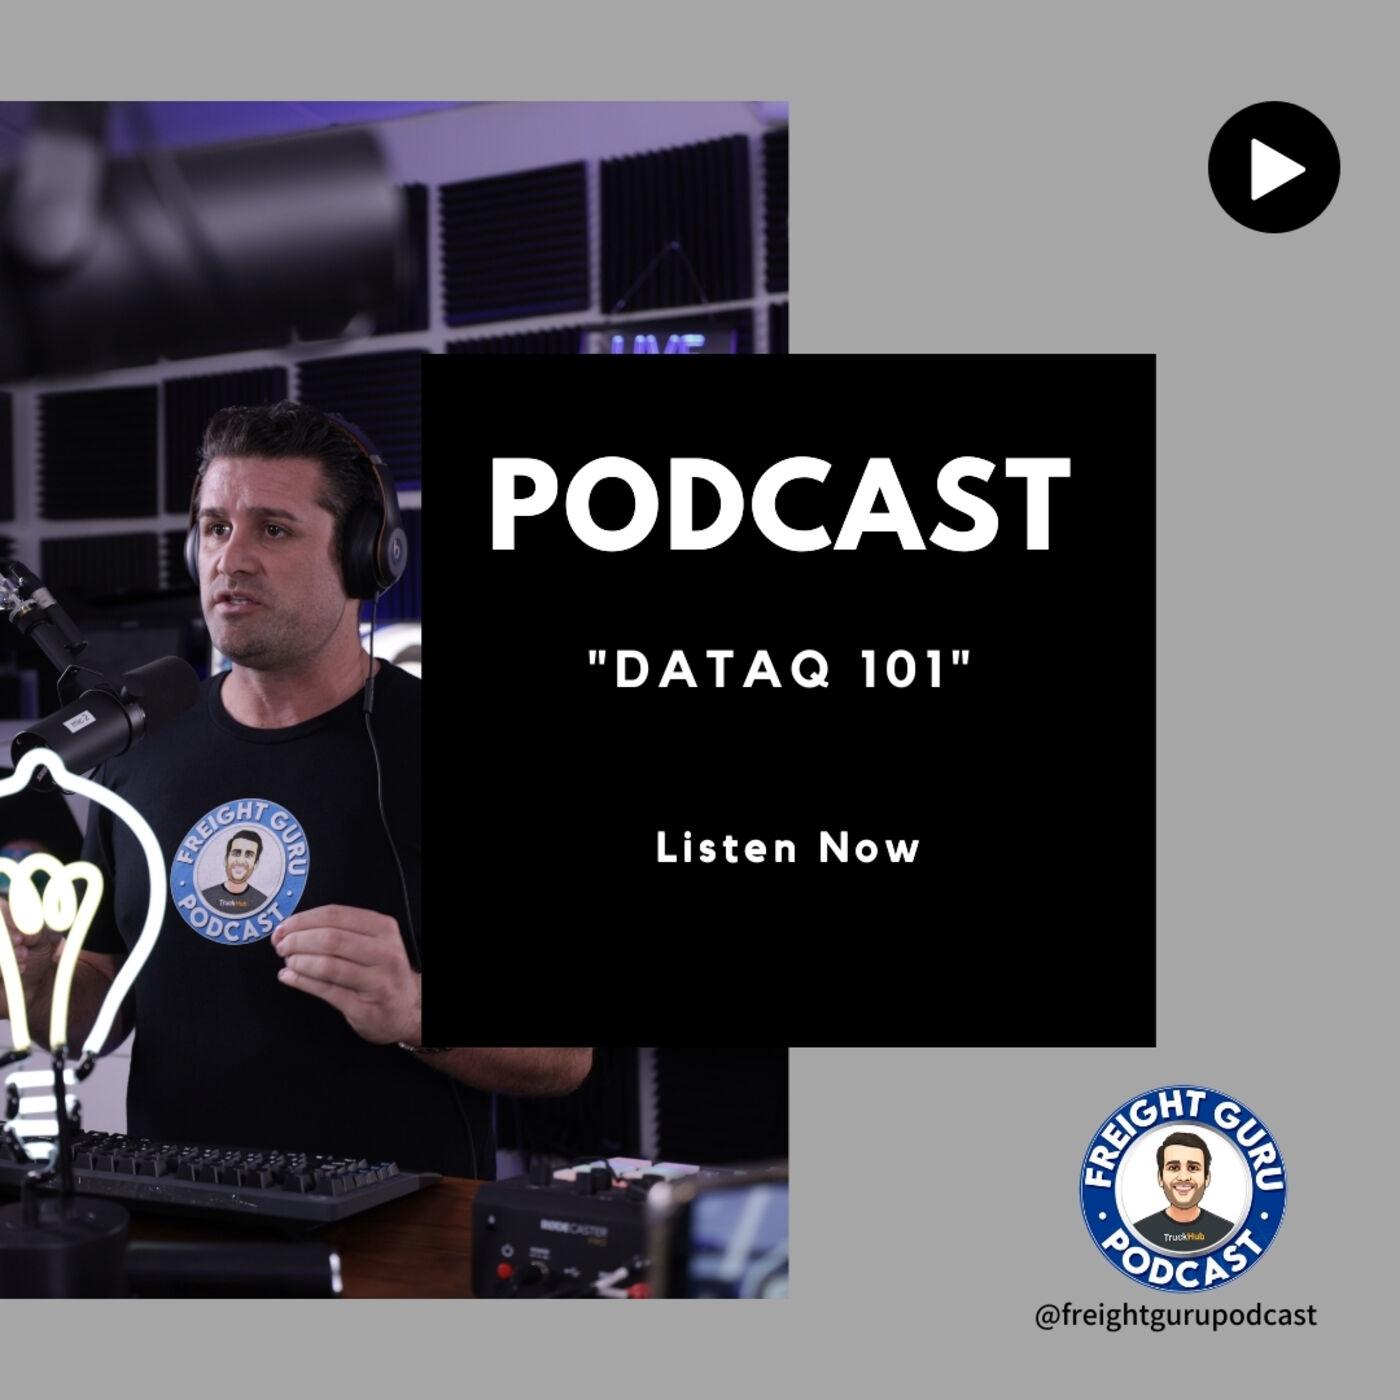 Dataq 101 - Freight Guru Podcast Ep. 16